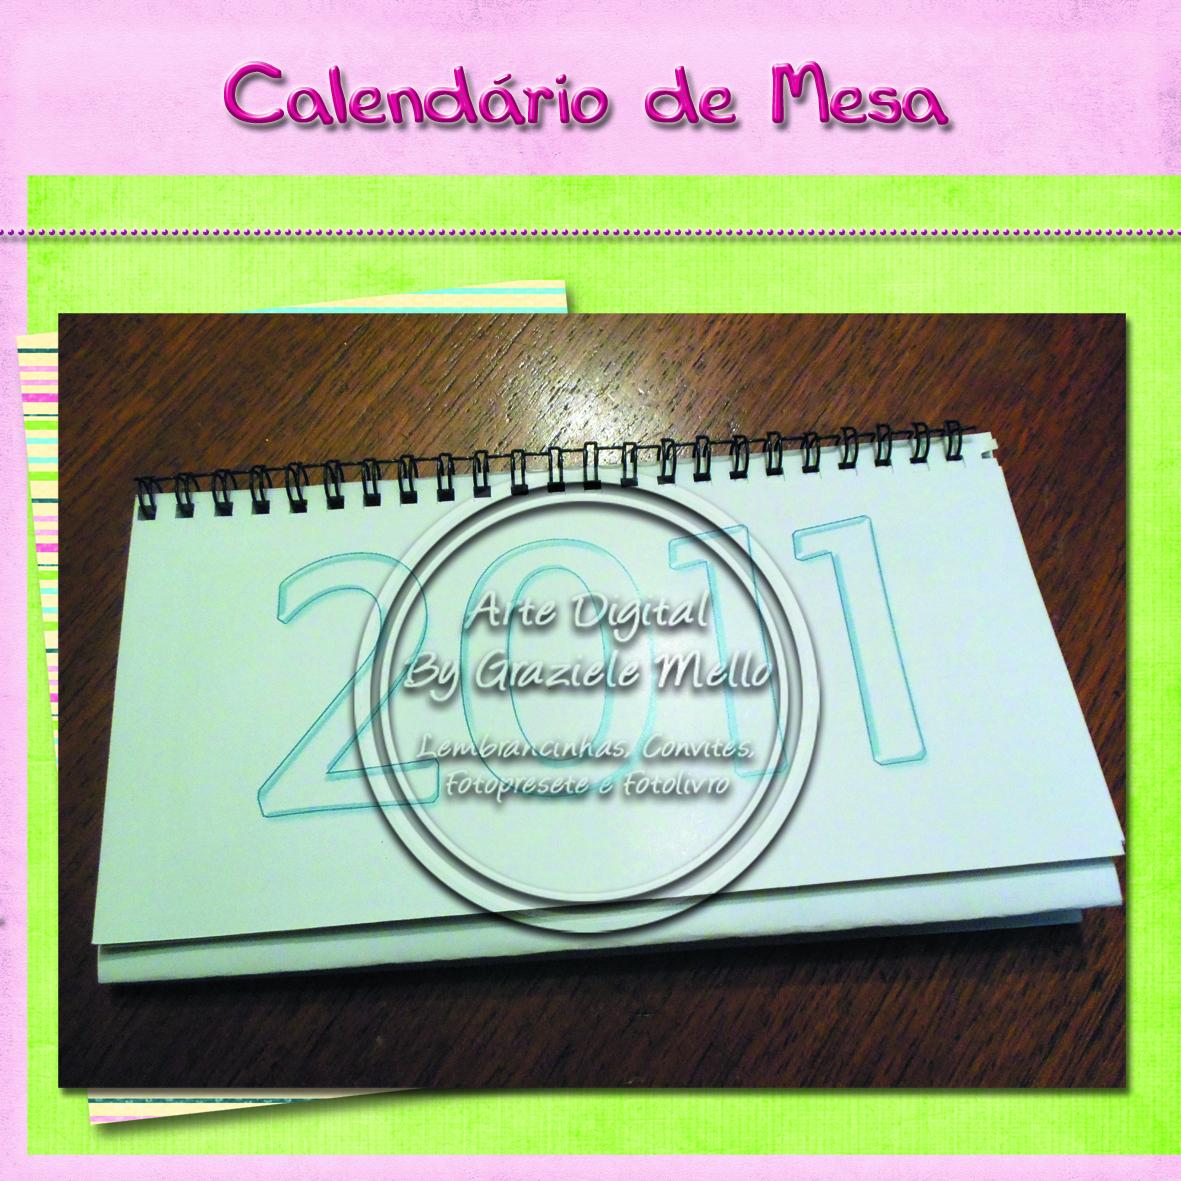 Decorando com arte lembrancinhas personalizadas - Calendario de mesa ...